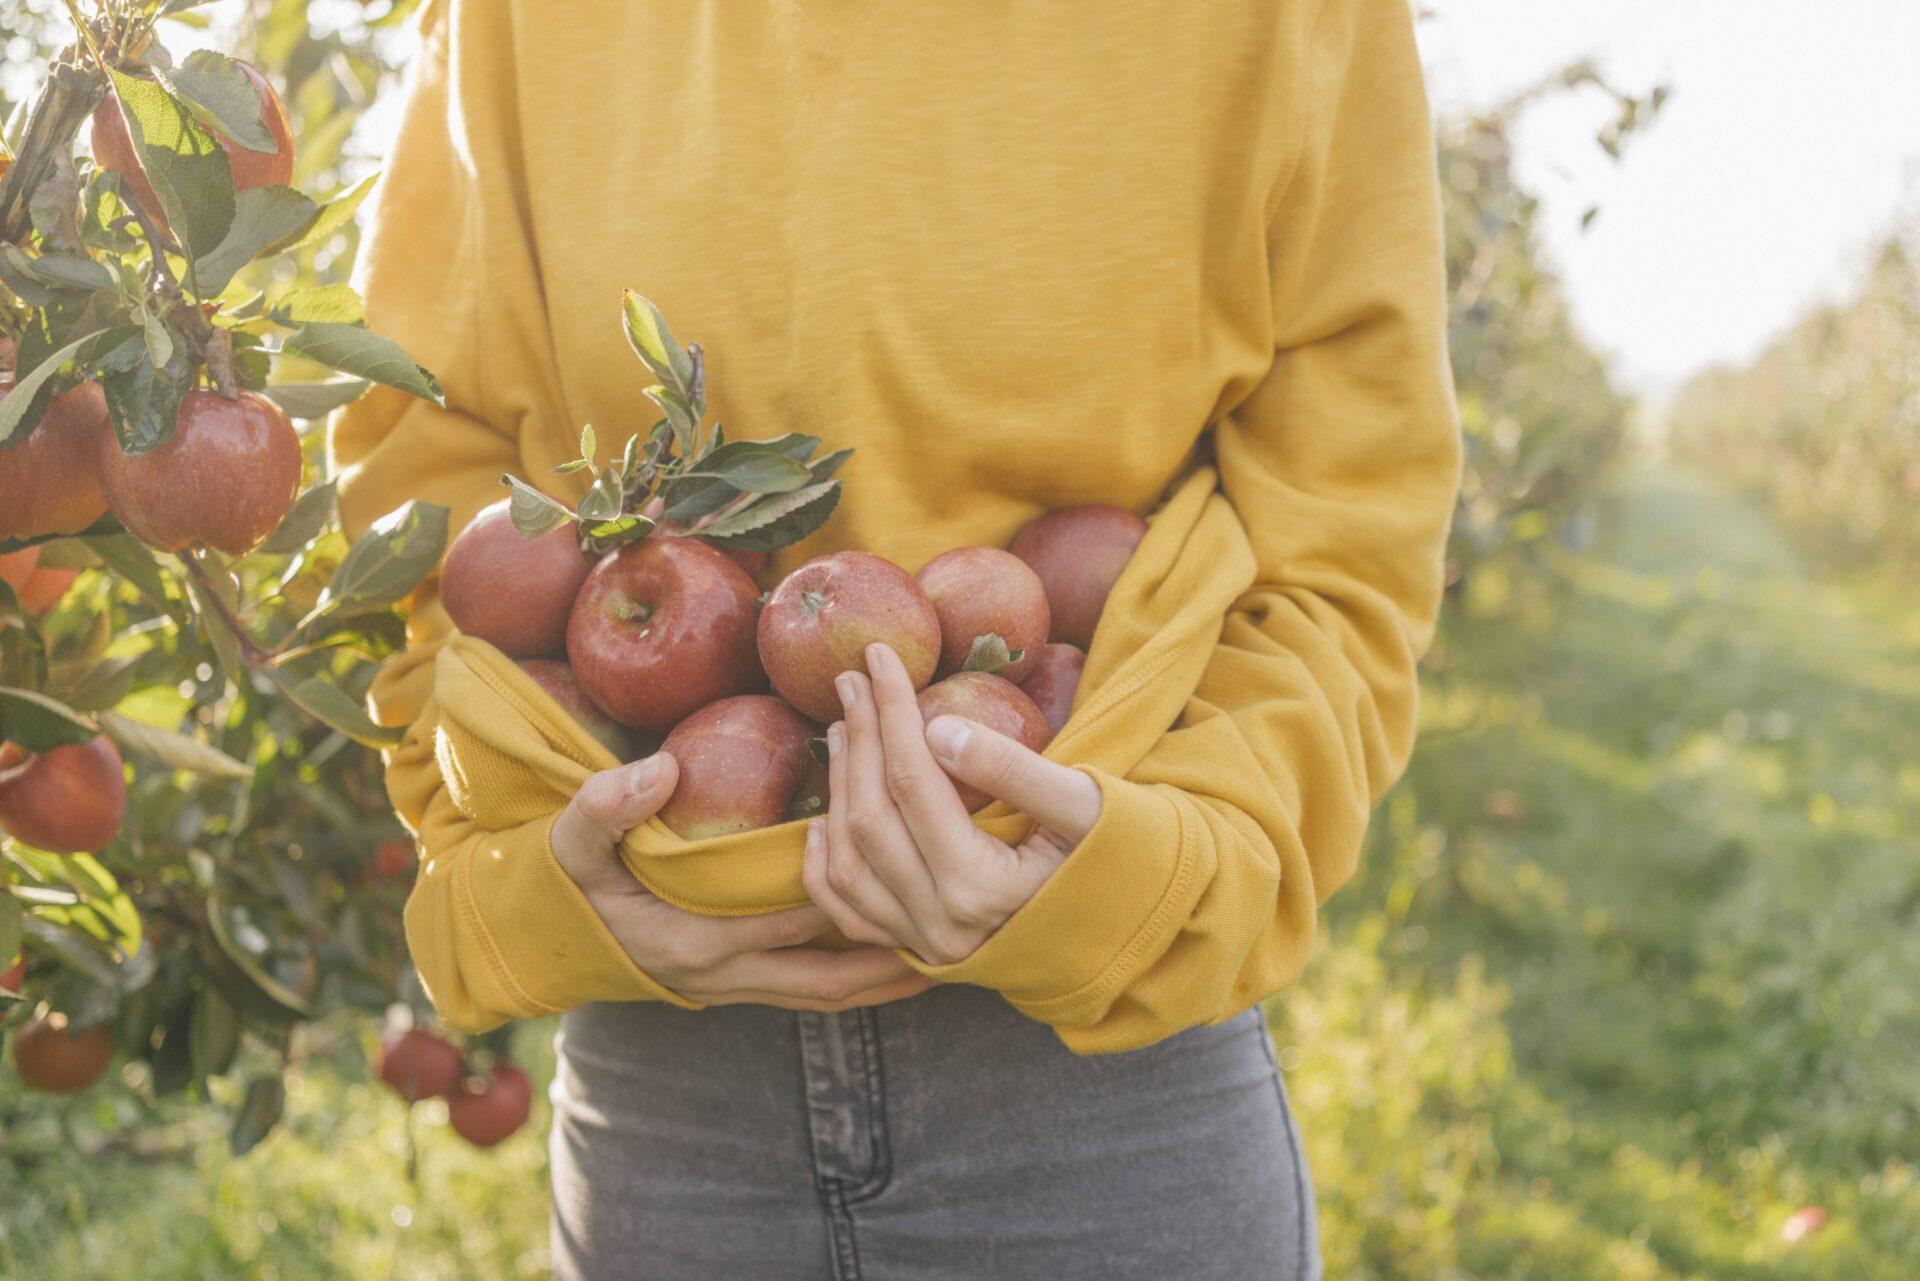 Gelbes Band Apfelbaumernte Frau in Jeans mit gelben Pullover und vielen Äpfeln im Pullover © IMAGO / Westend61